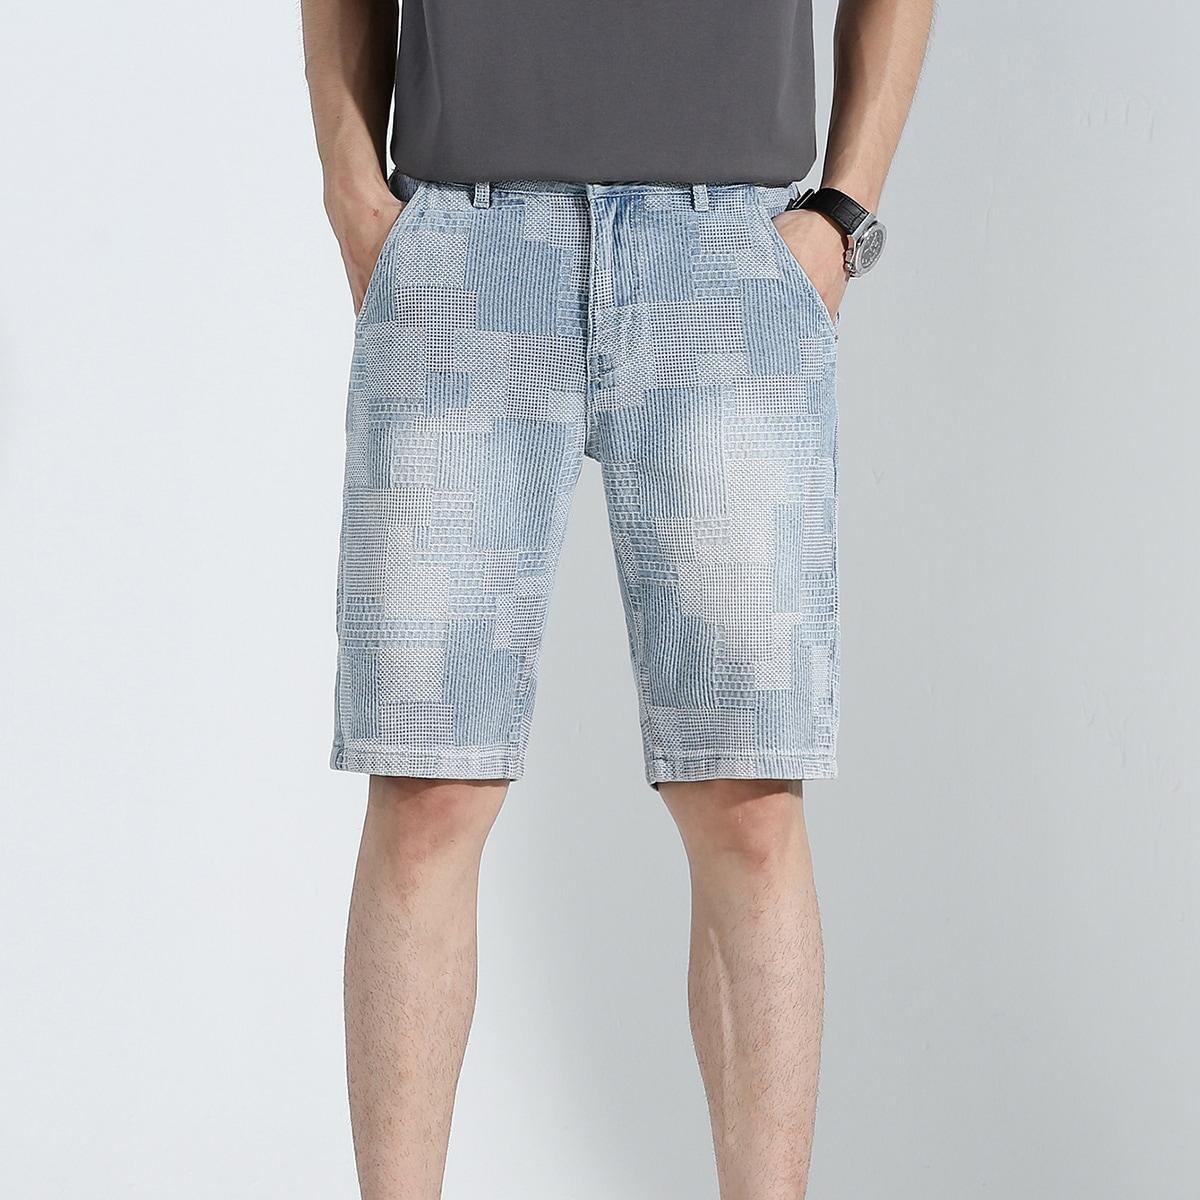 Мужской Джинсовые шорты-бермуды стиранный от SHEIN